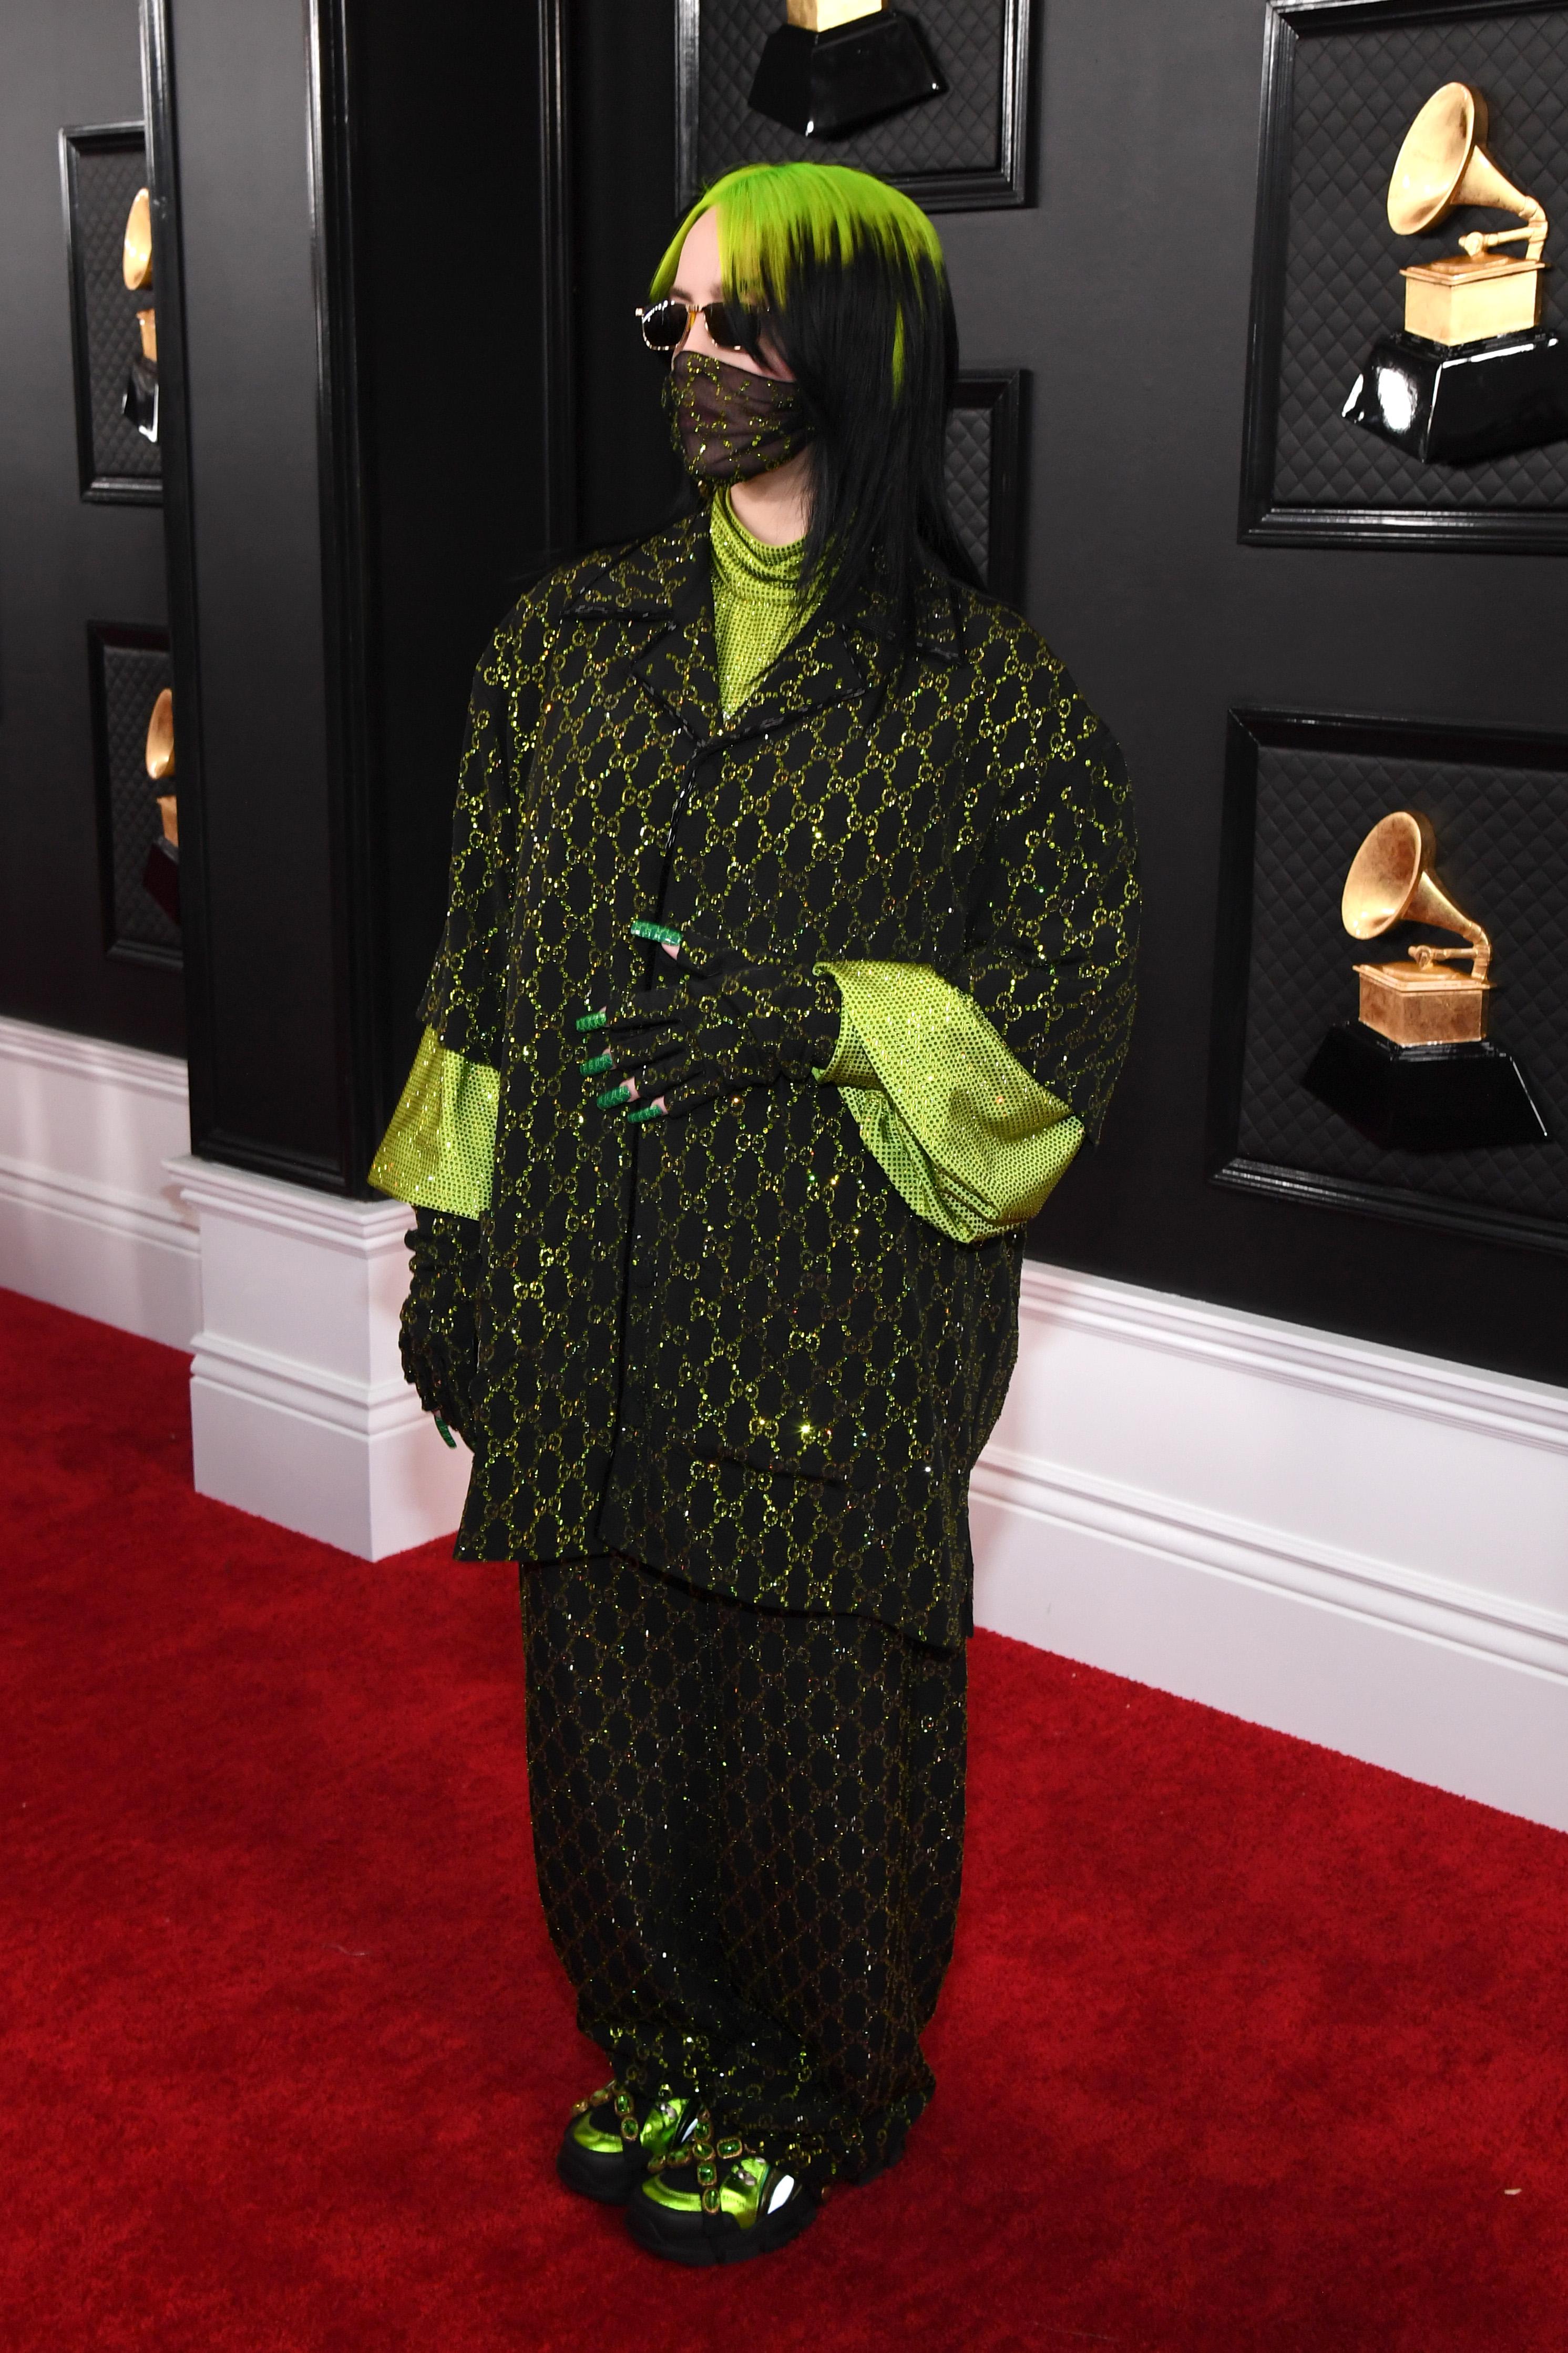 Foto da cantora Billie Eilish no tapete vermelho do Grammy Awards. Ela usa uma camisa oversized preta com detalhes verdes, calça preta com detalhes verdes e tênis preto com detalhes verdes. Ela não olha para a câmera.